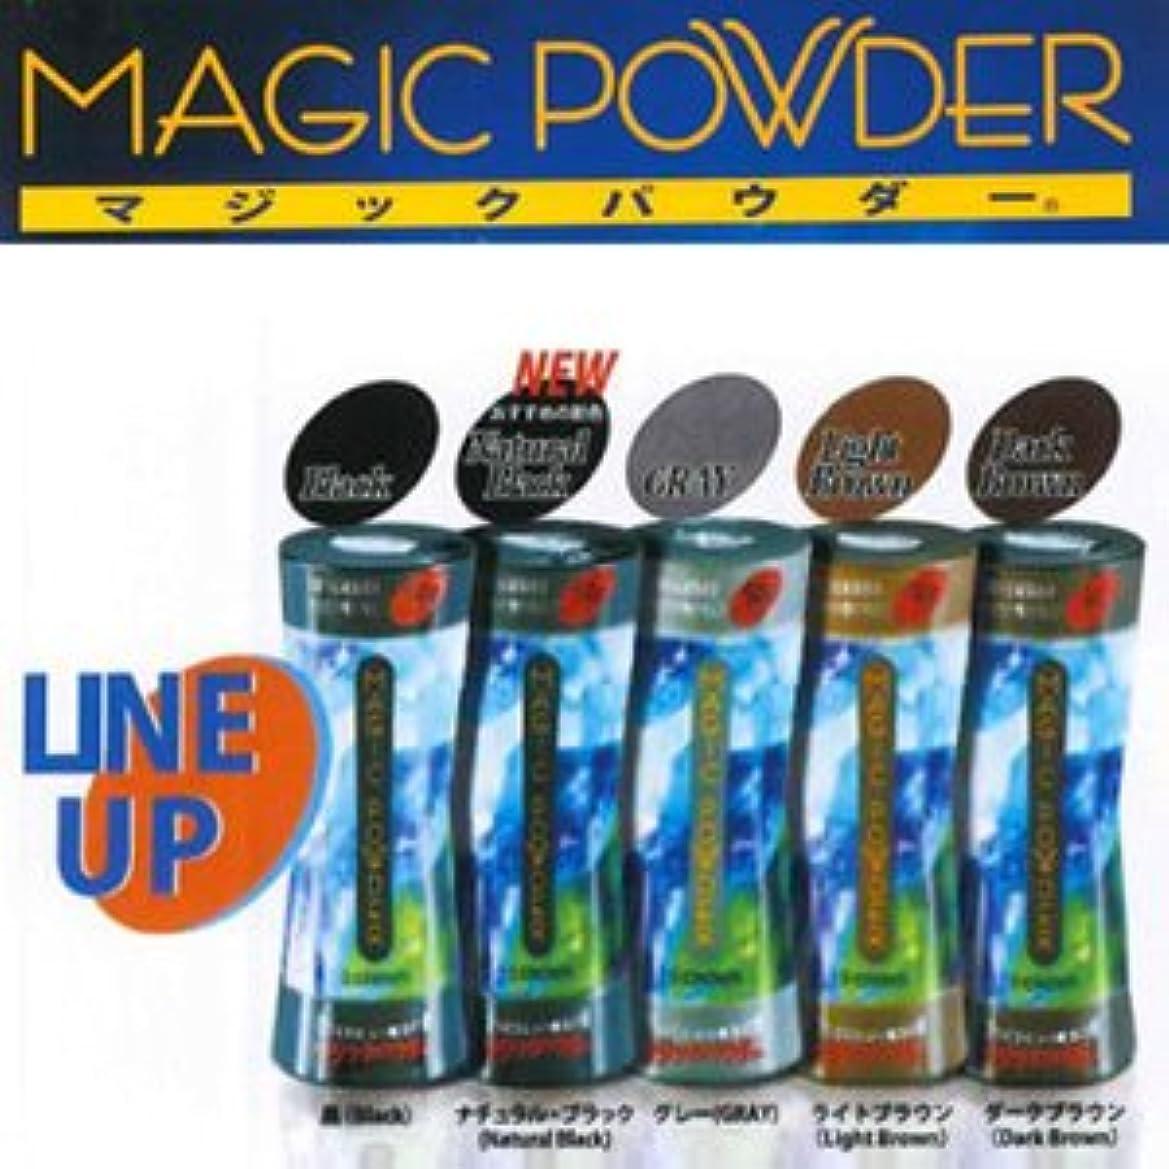 満了主流放射性MAGIC POWDER マジックパウダー ダークブラウン 50g  2個セット ※貴方の髪を簡単ボリュームアップ!